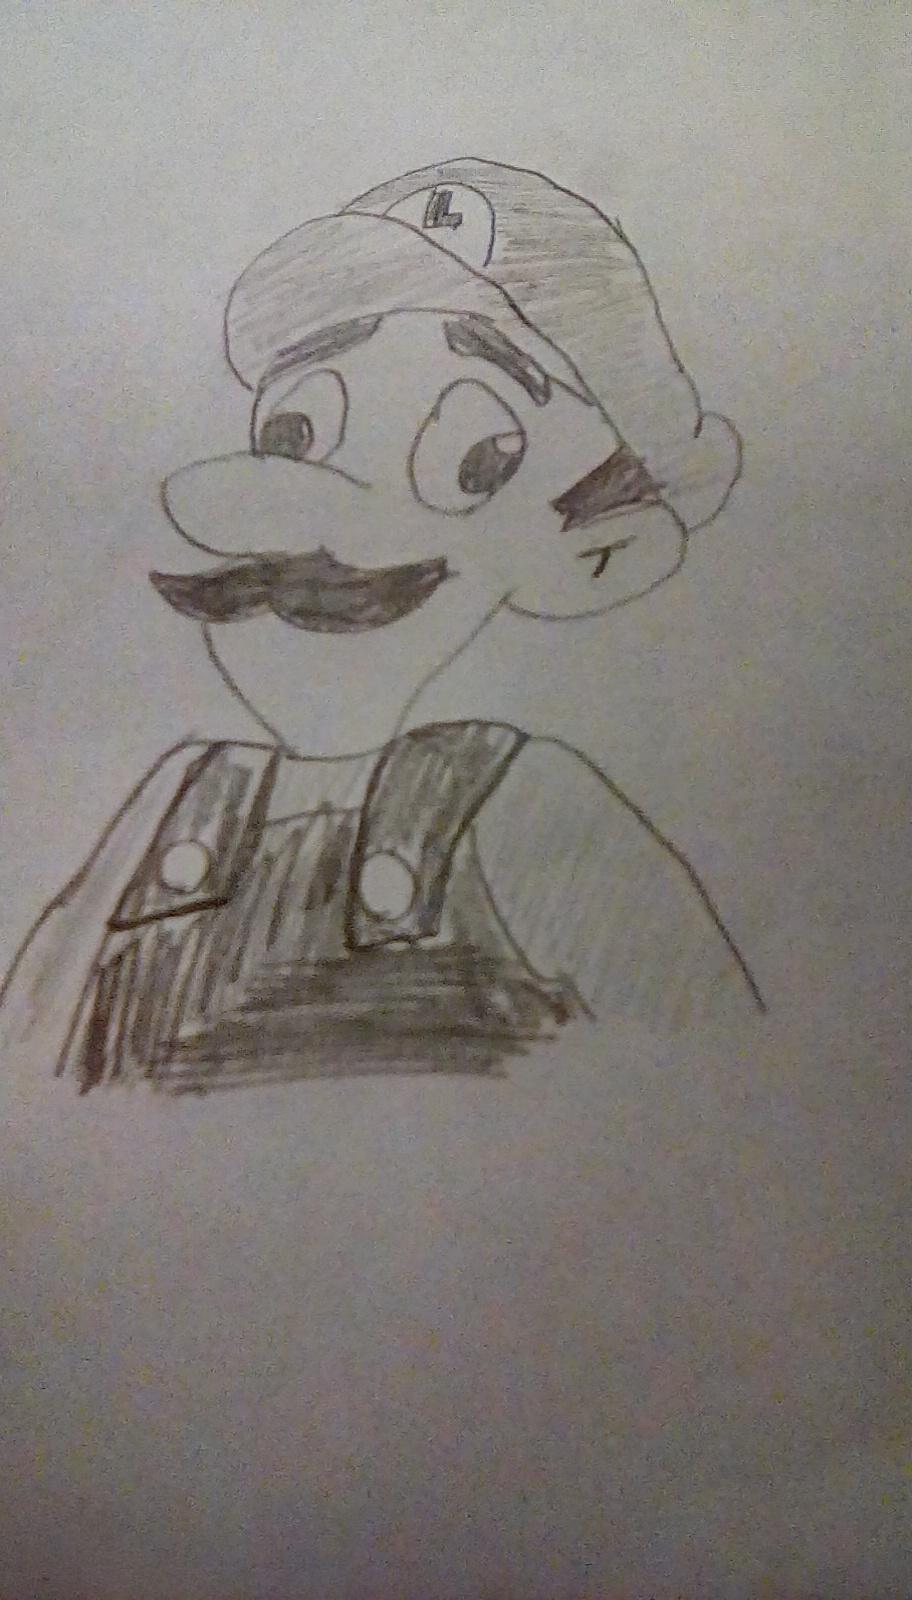 Derp Luigi